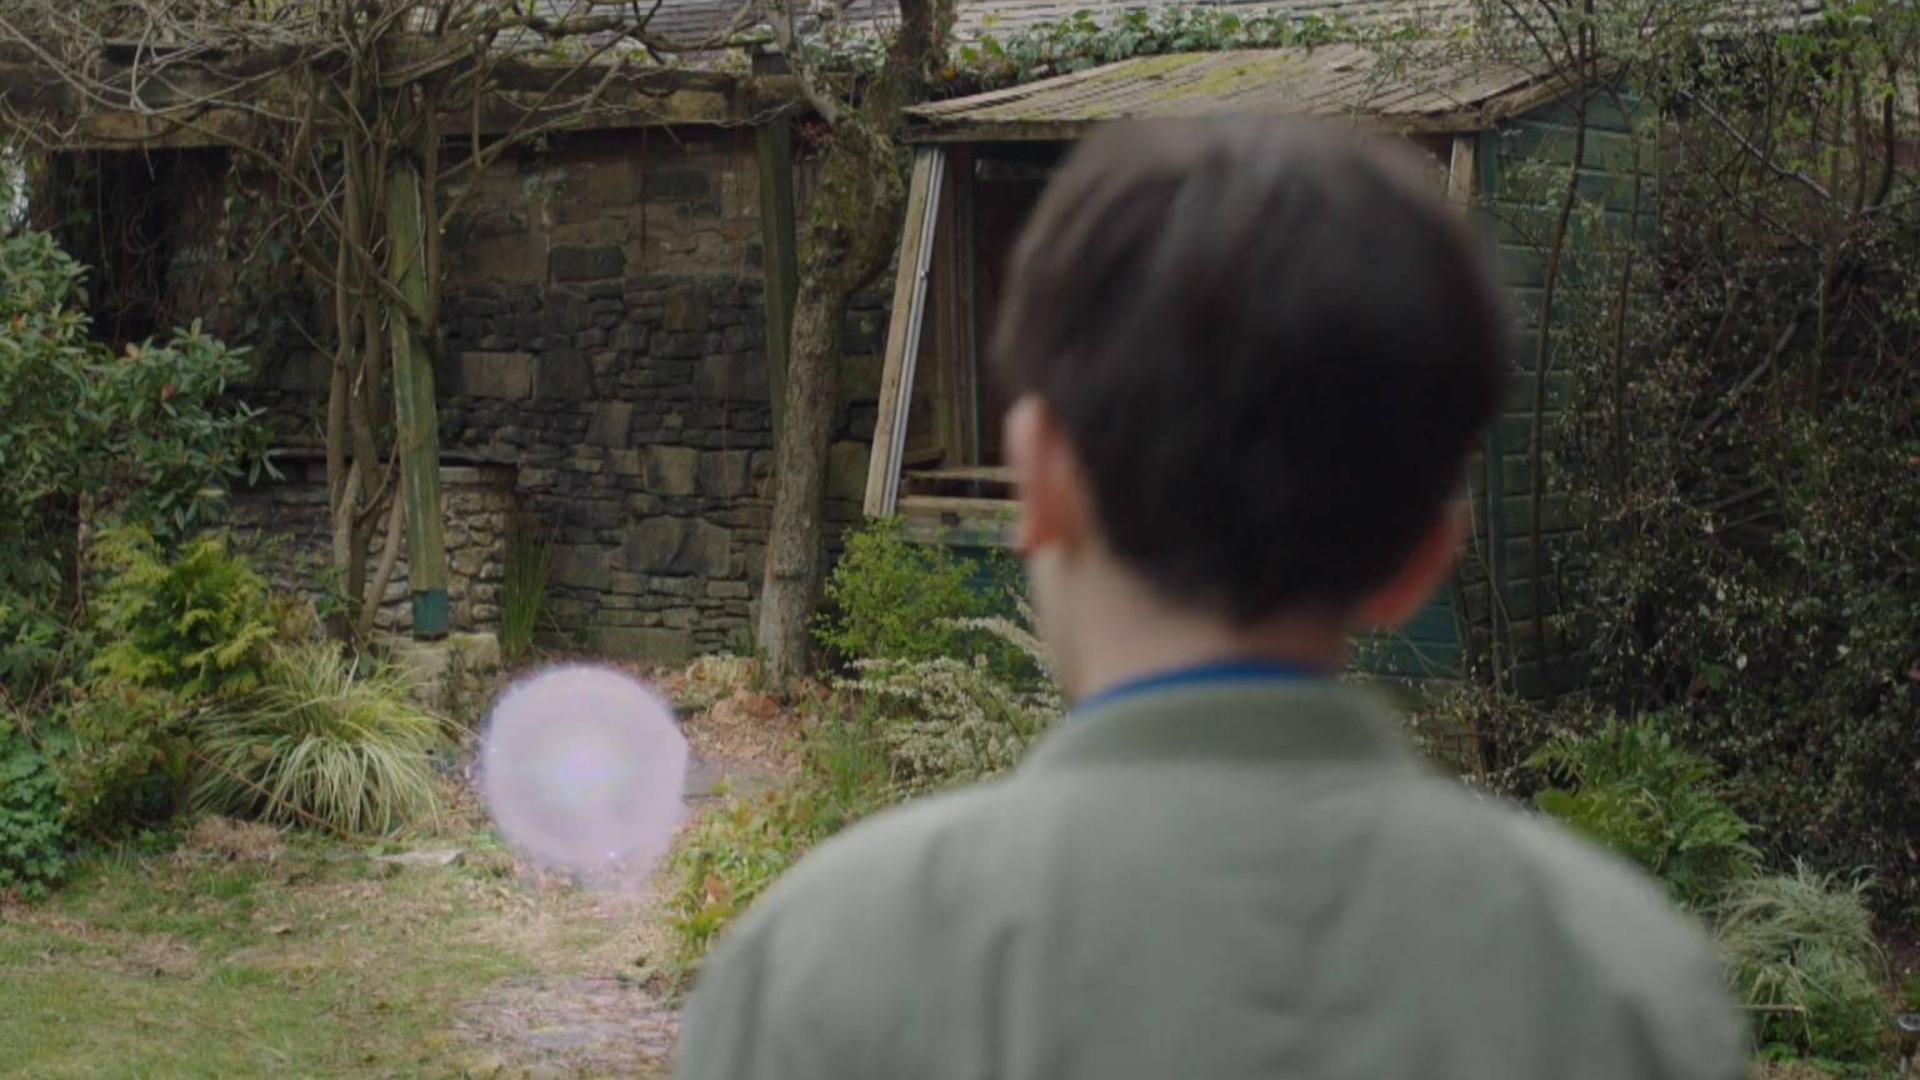 男孩发现一只奇怪的光球,用手一摸怪事发生了《猎奇怪谈:名叫雷德的男孩》